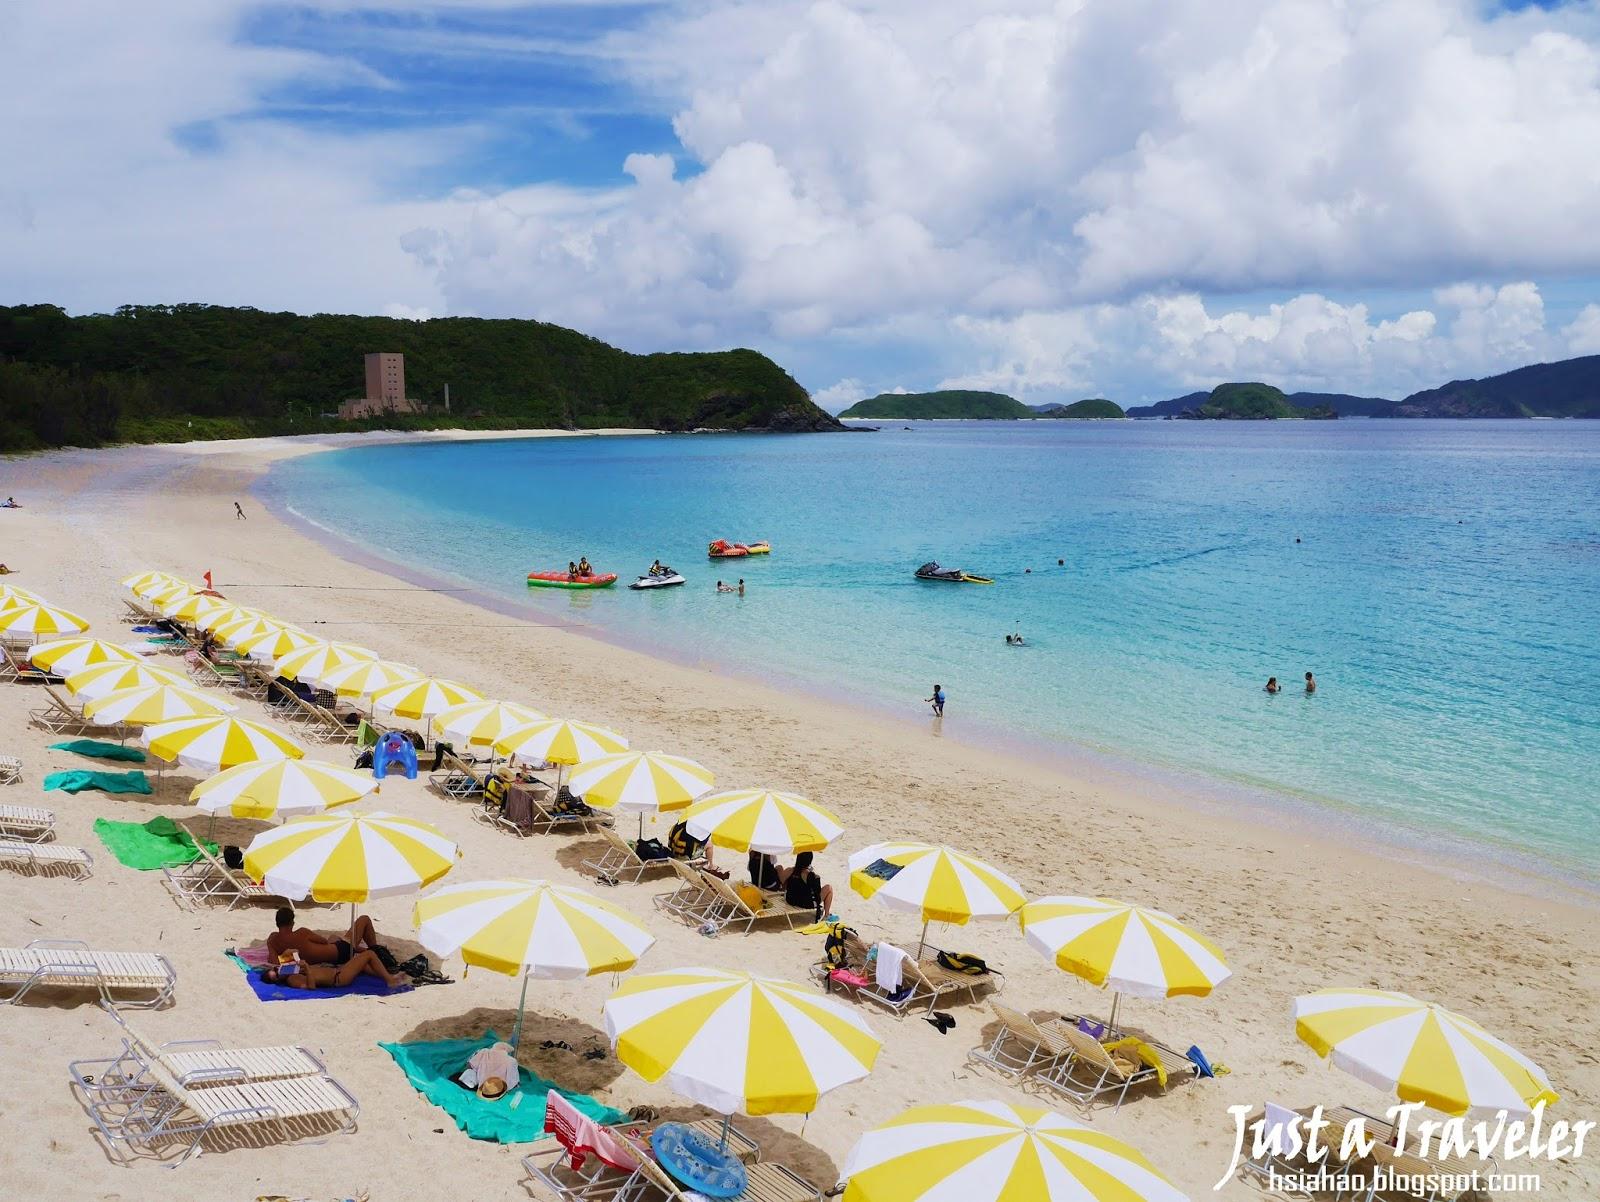 沖繩-海灘-推薦-古座間味海灘-Furuzamami-Beach-古座間味ビーチ-Okinawa-beach-recommendation